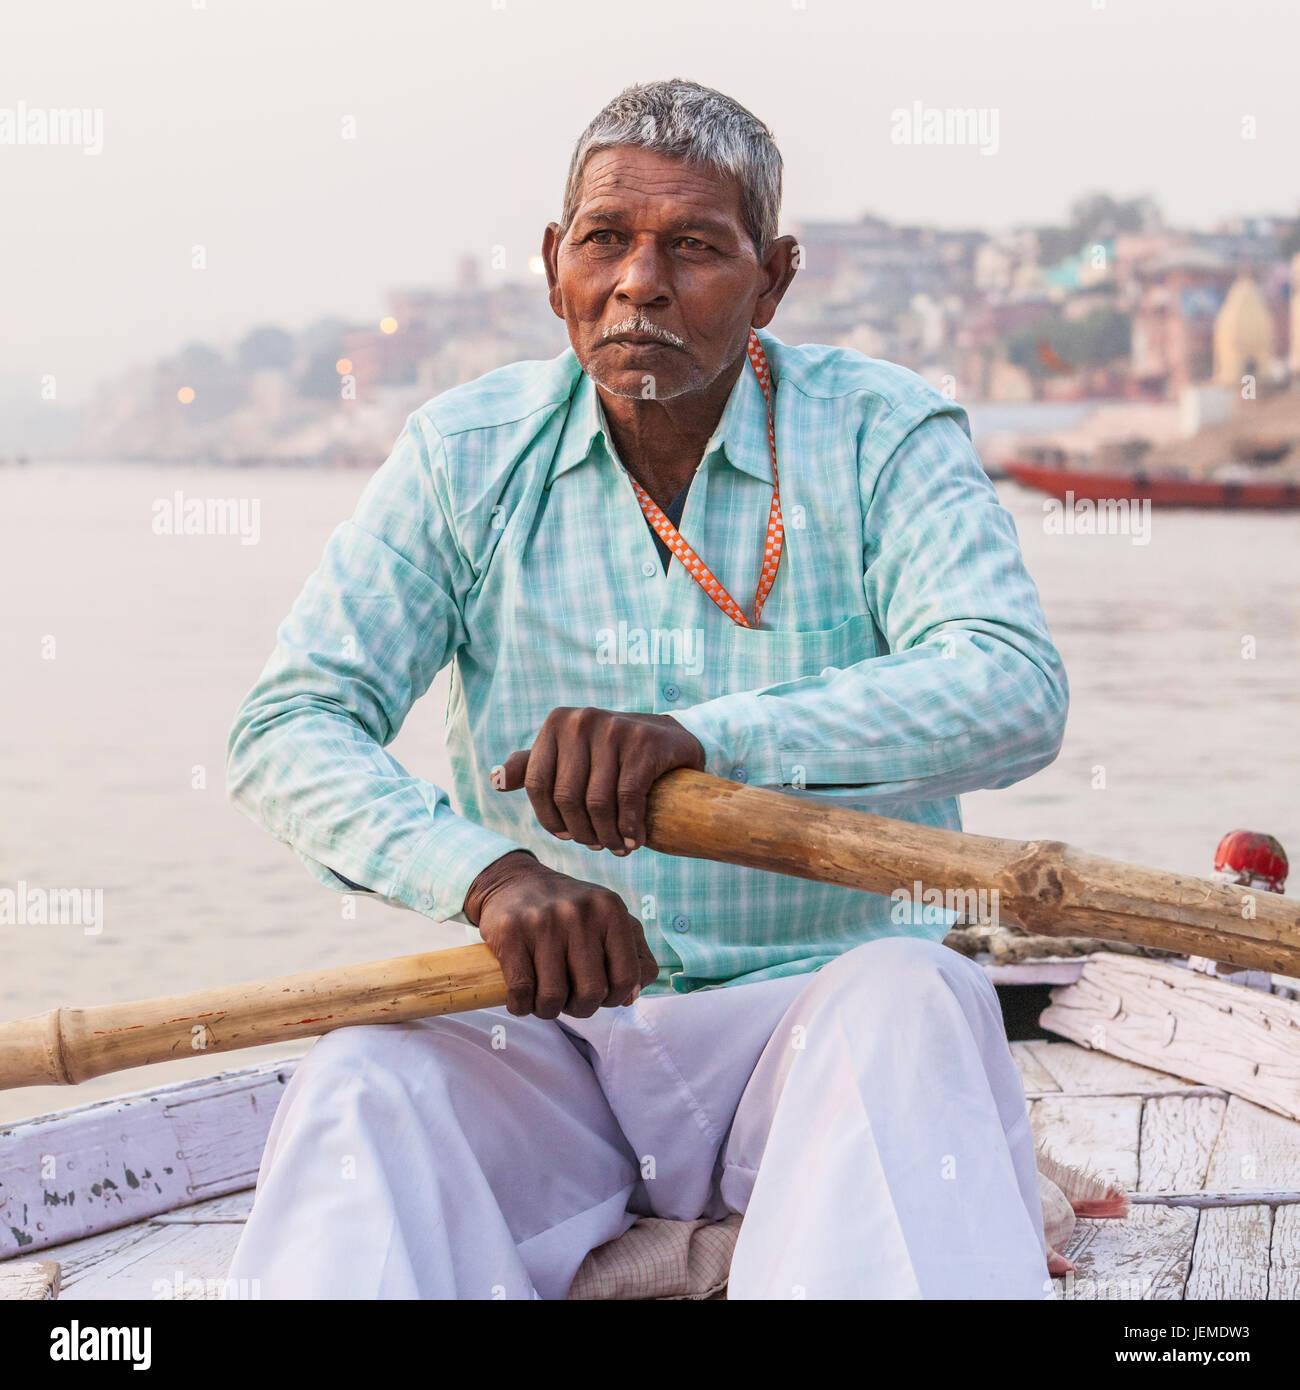 Un uomo indiano remare una barca per escursioni sul fiume Gange, Varanasi (India). Immagini Stock